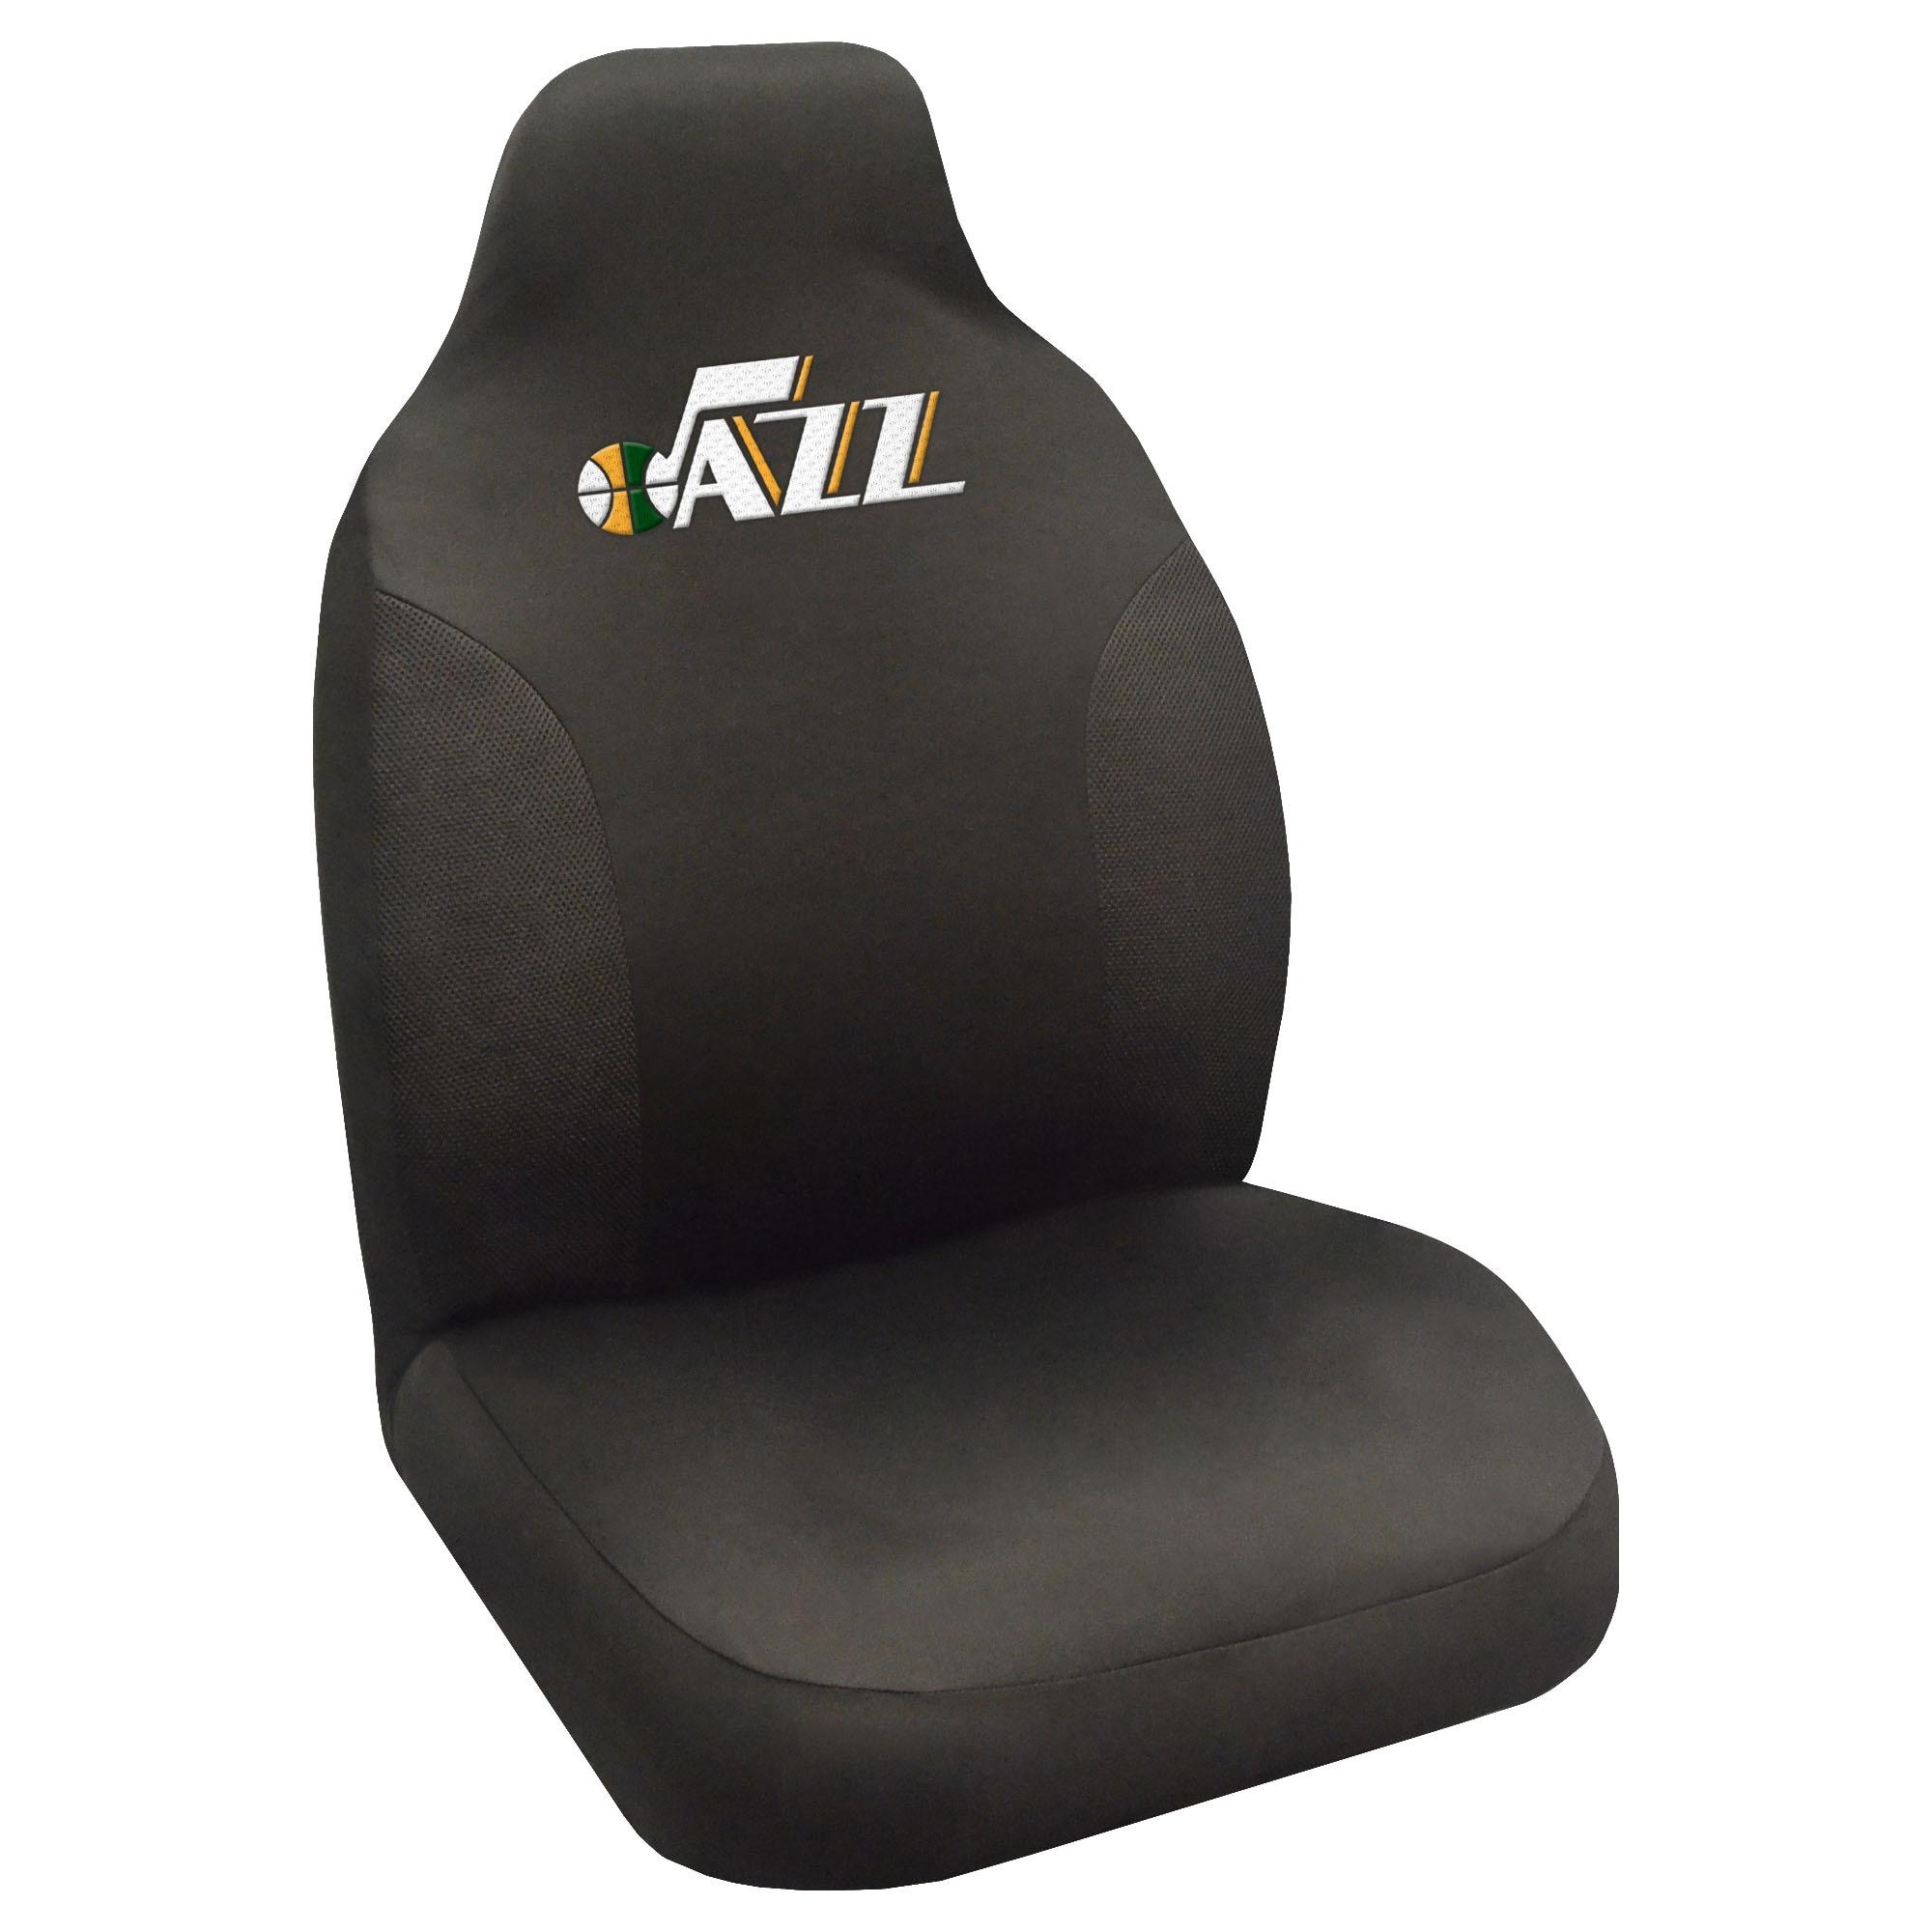 Utah Jazz Car Seat Cover